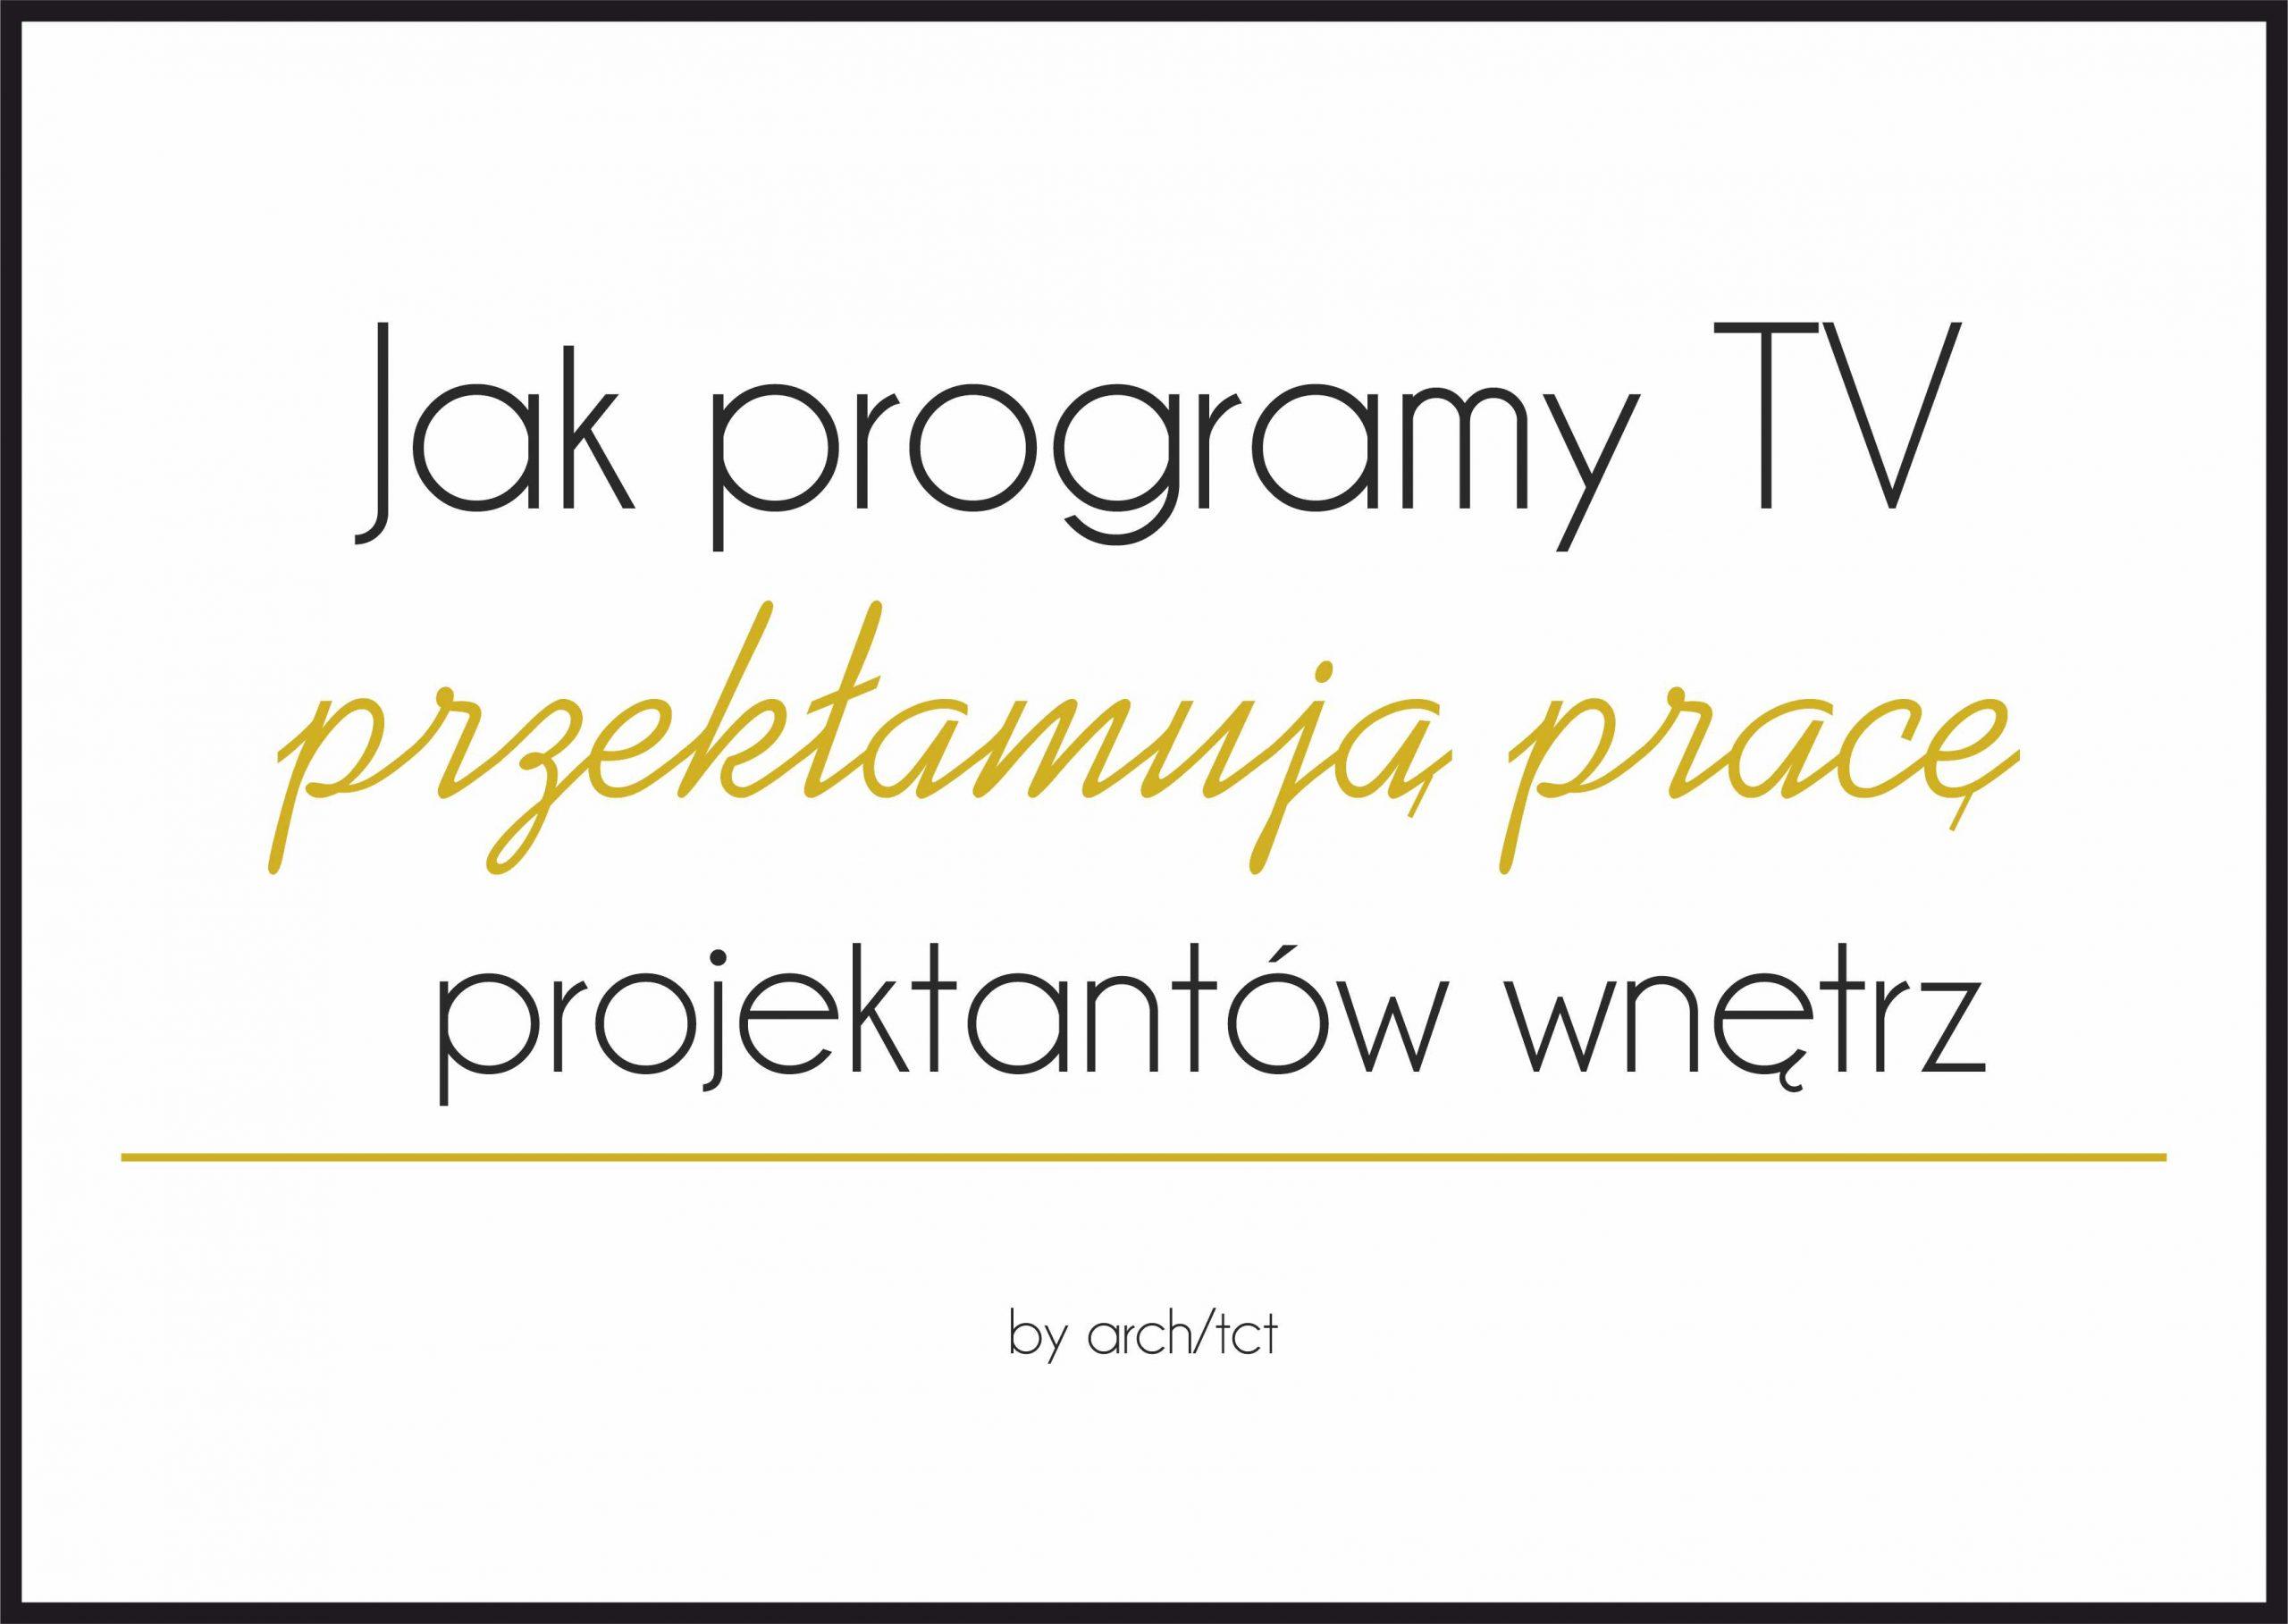 Jak programy TV